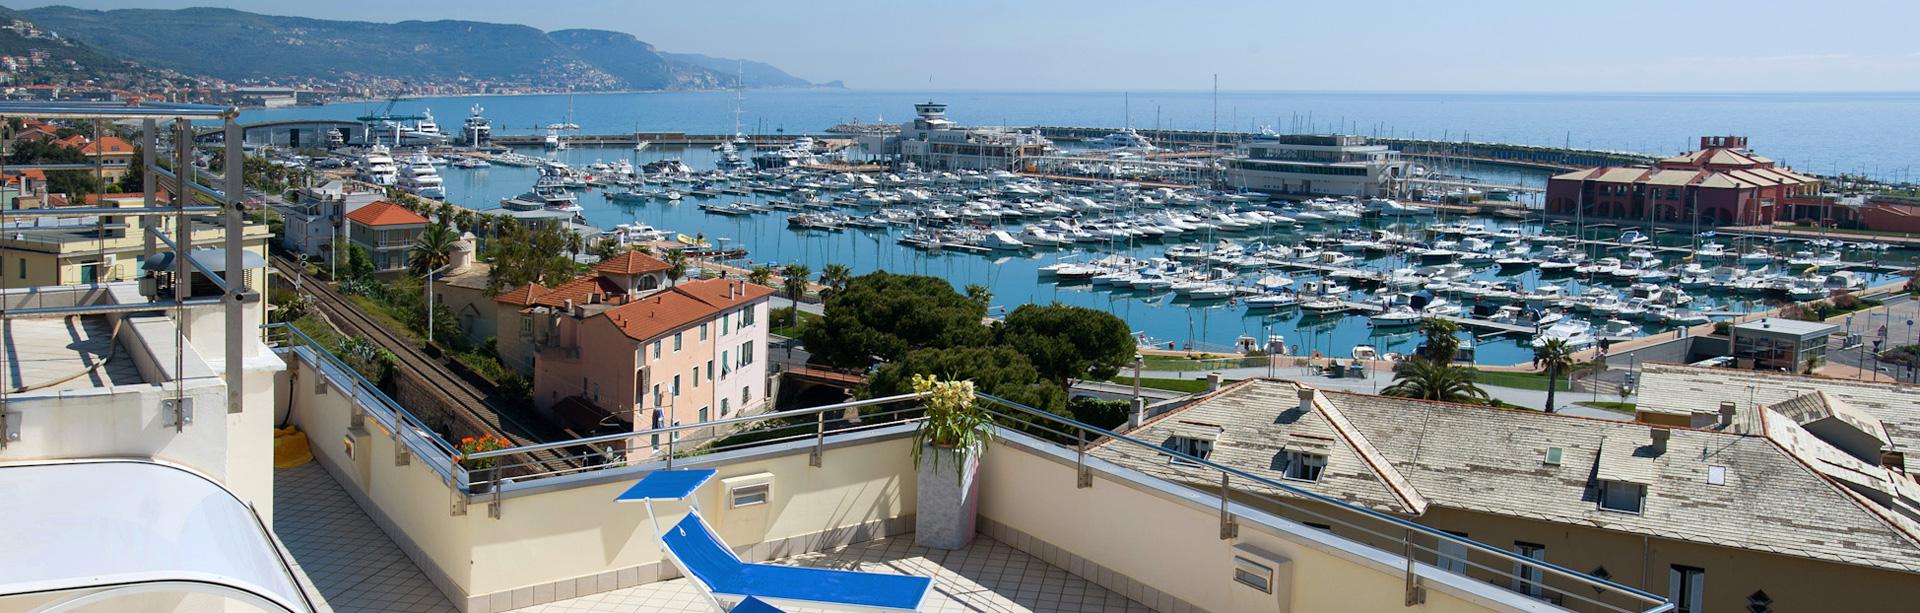 Loano Hotel  Stelle Vicino Al Mare